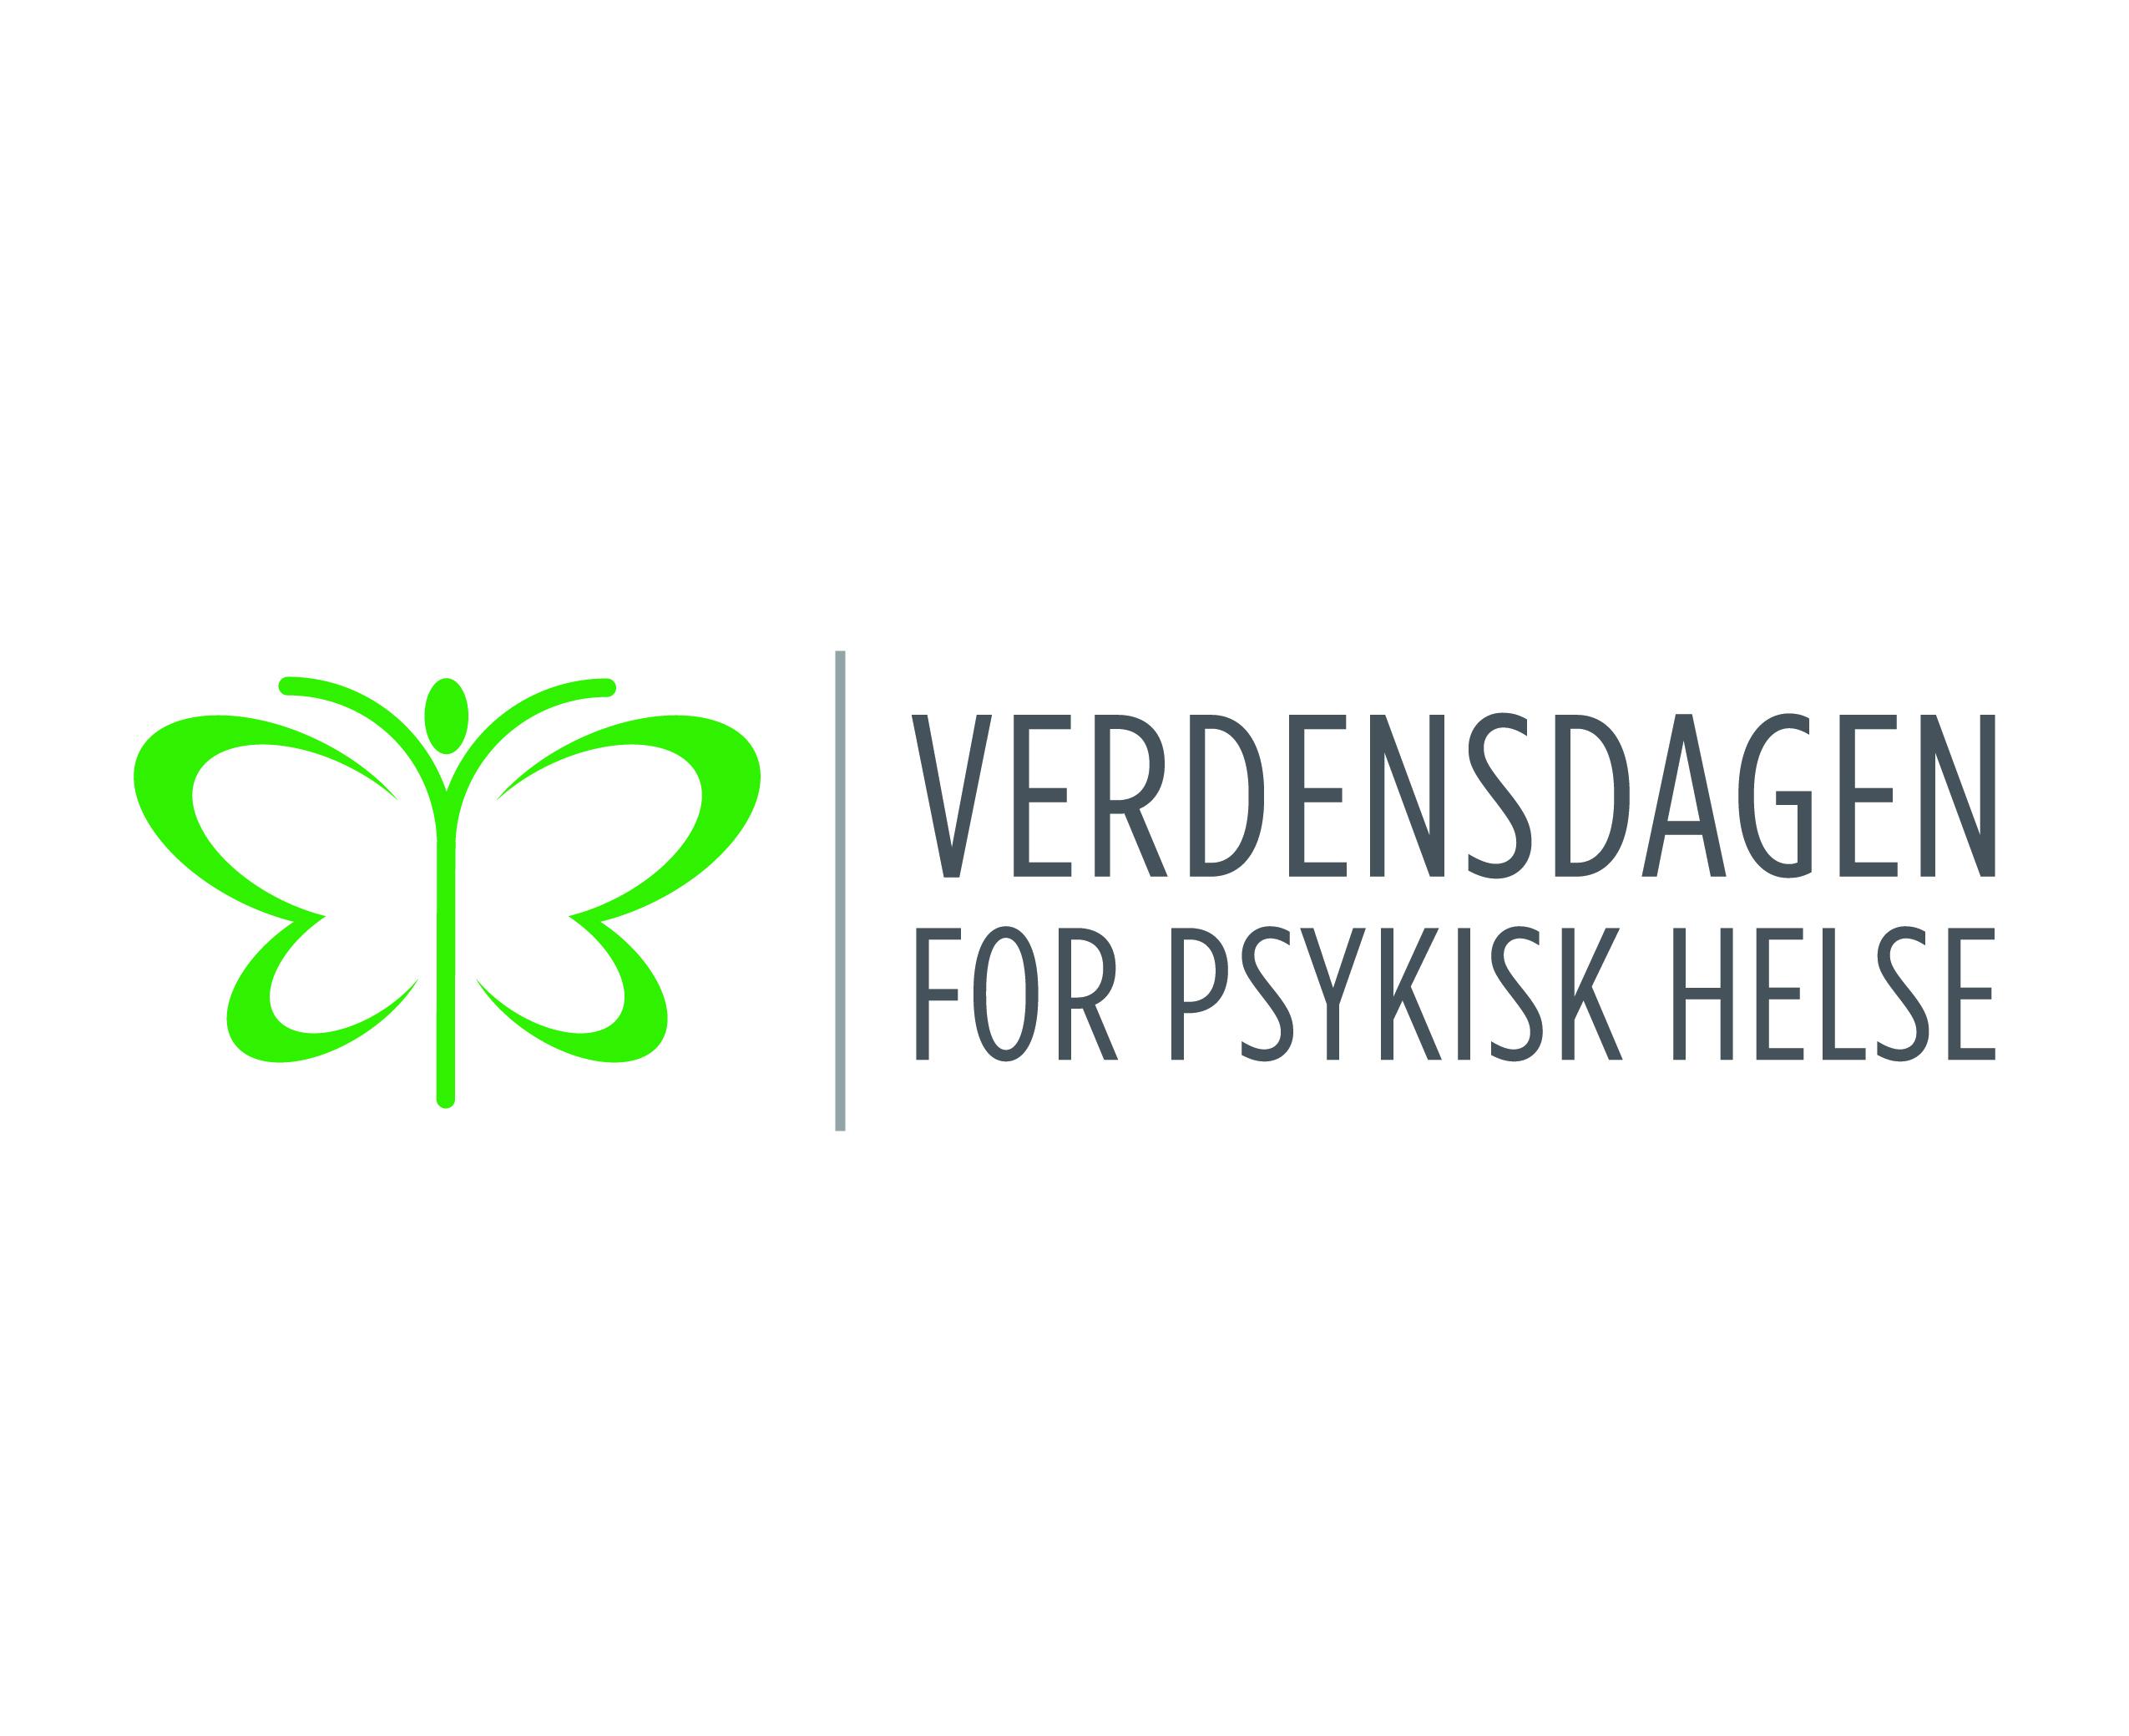 Verdensdagen for psykisk helse logo